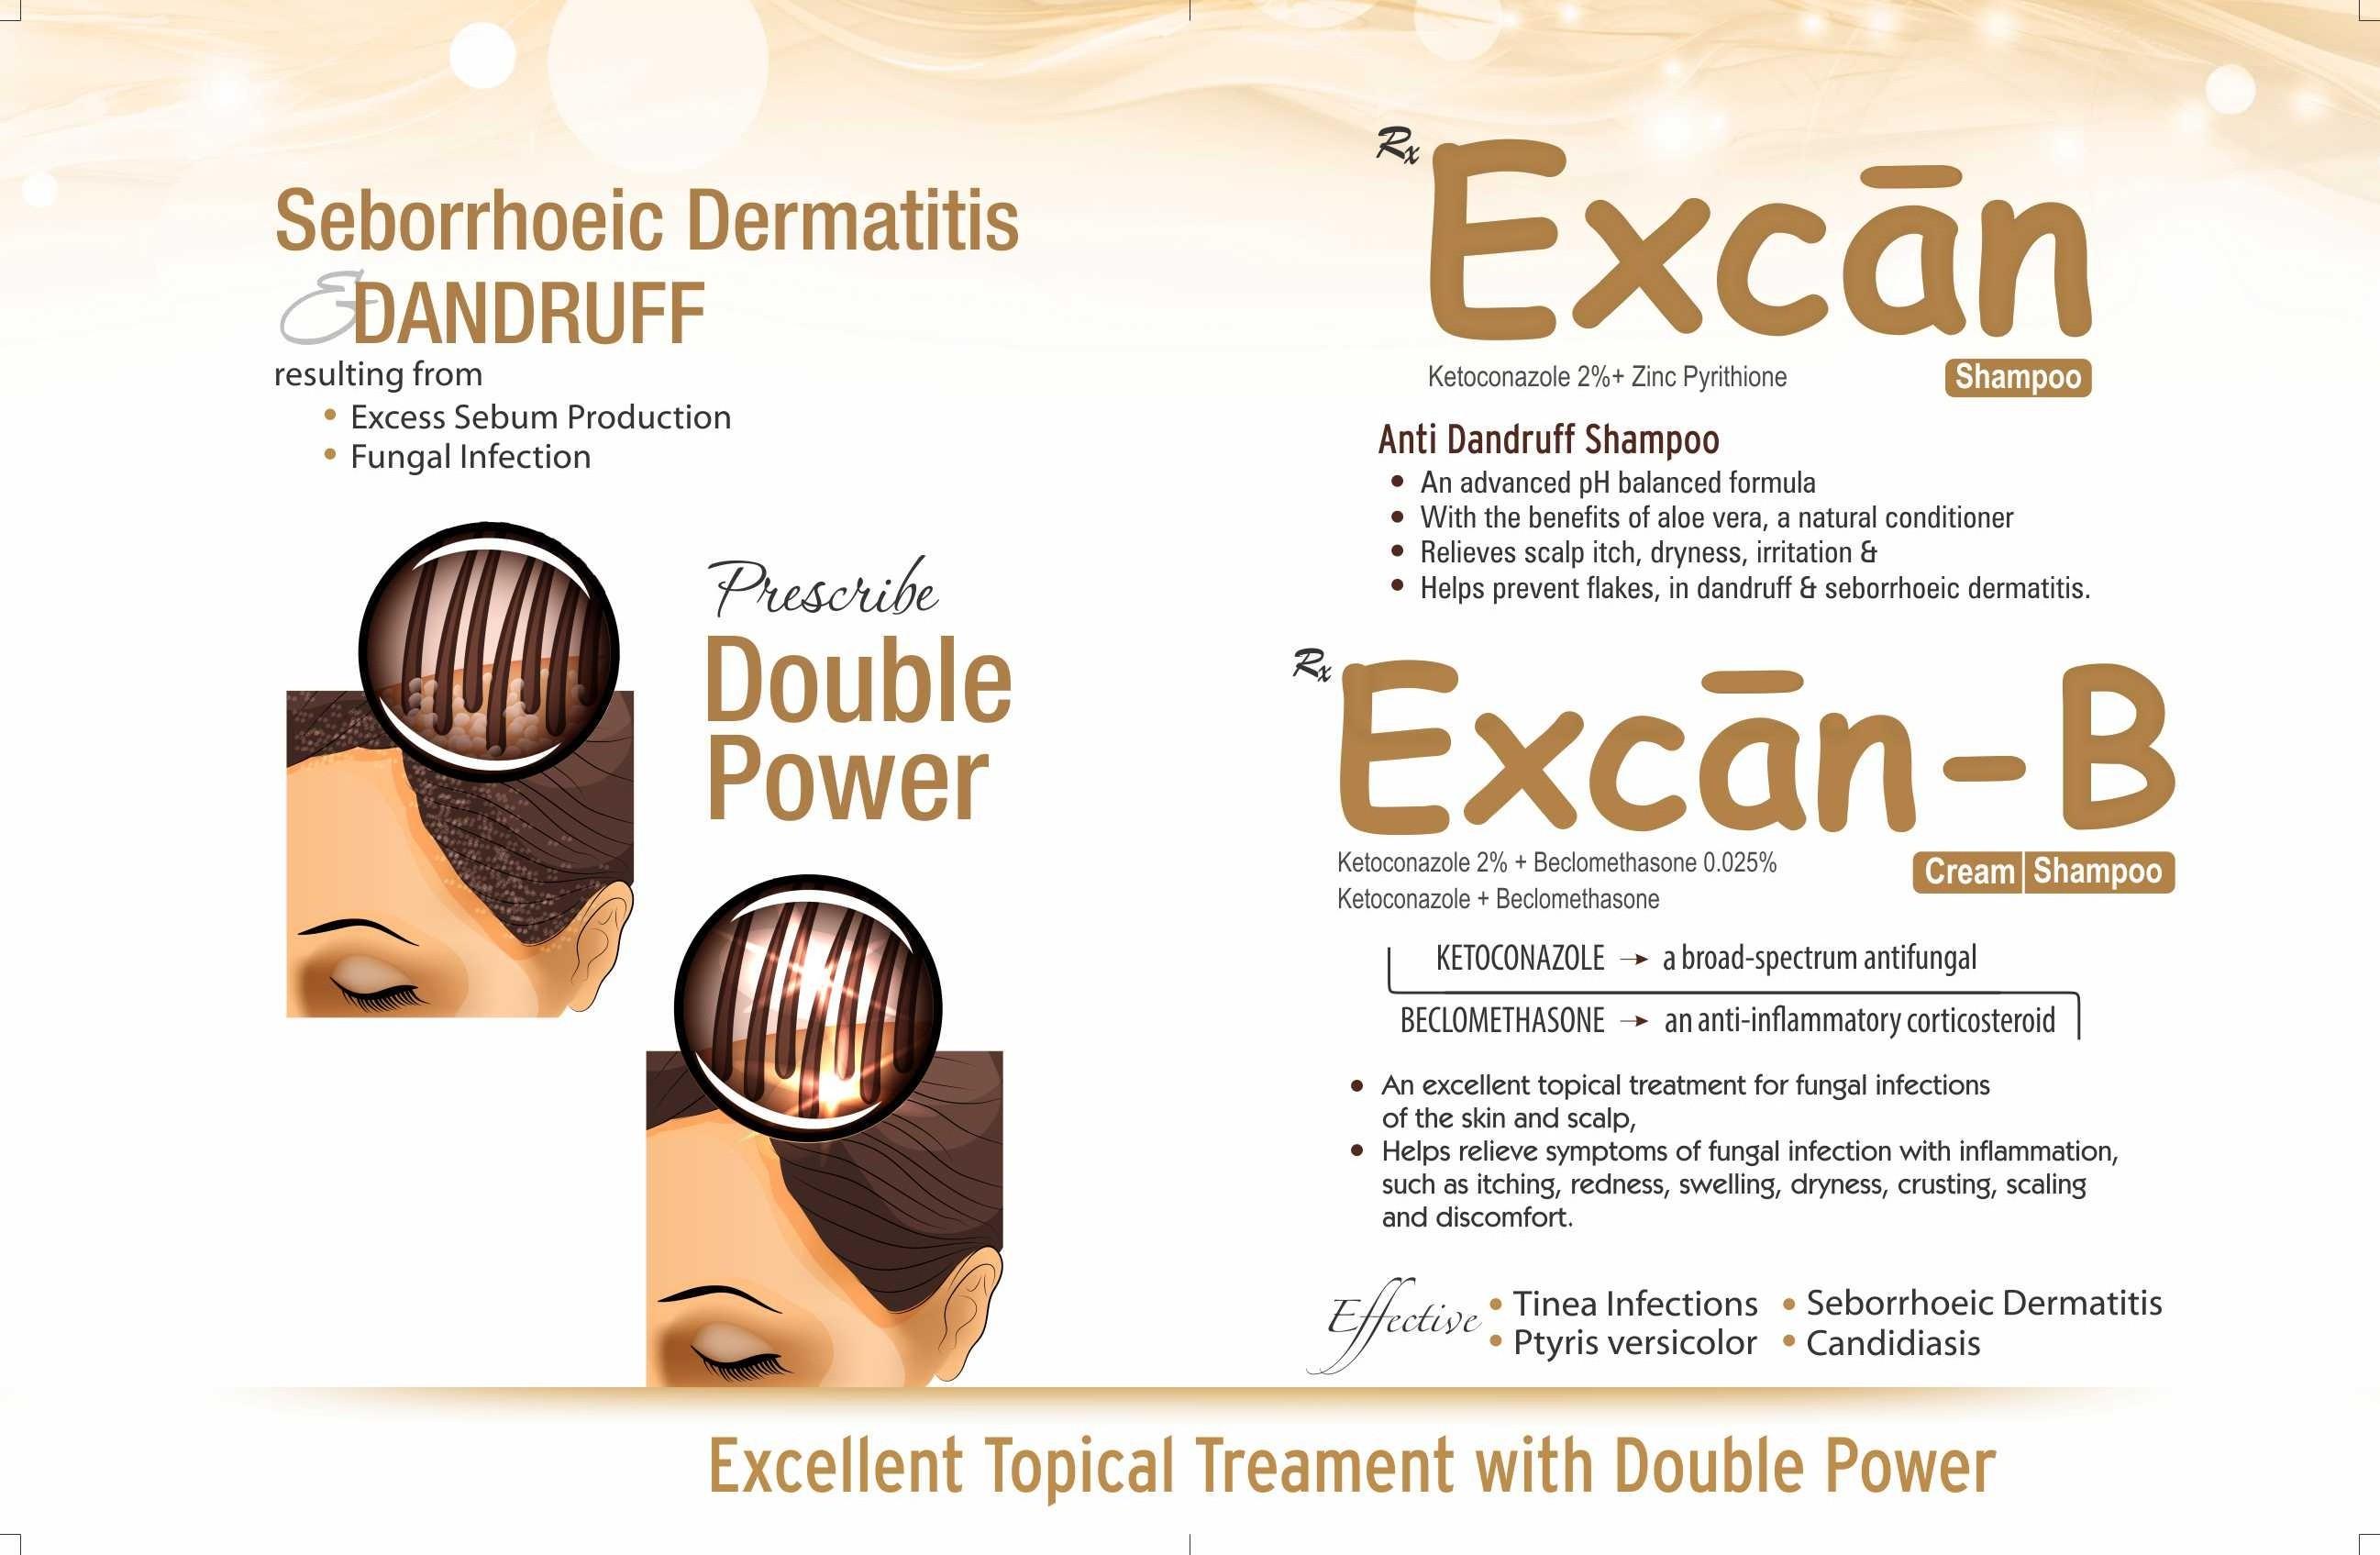 Excan-Derma